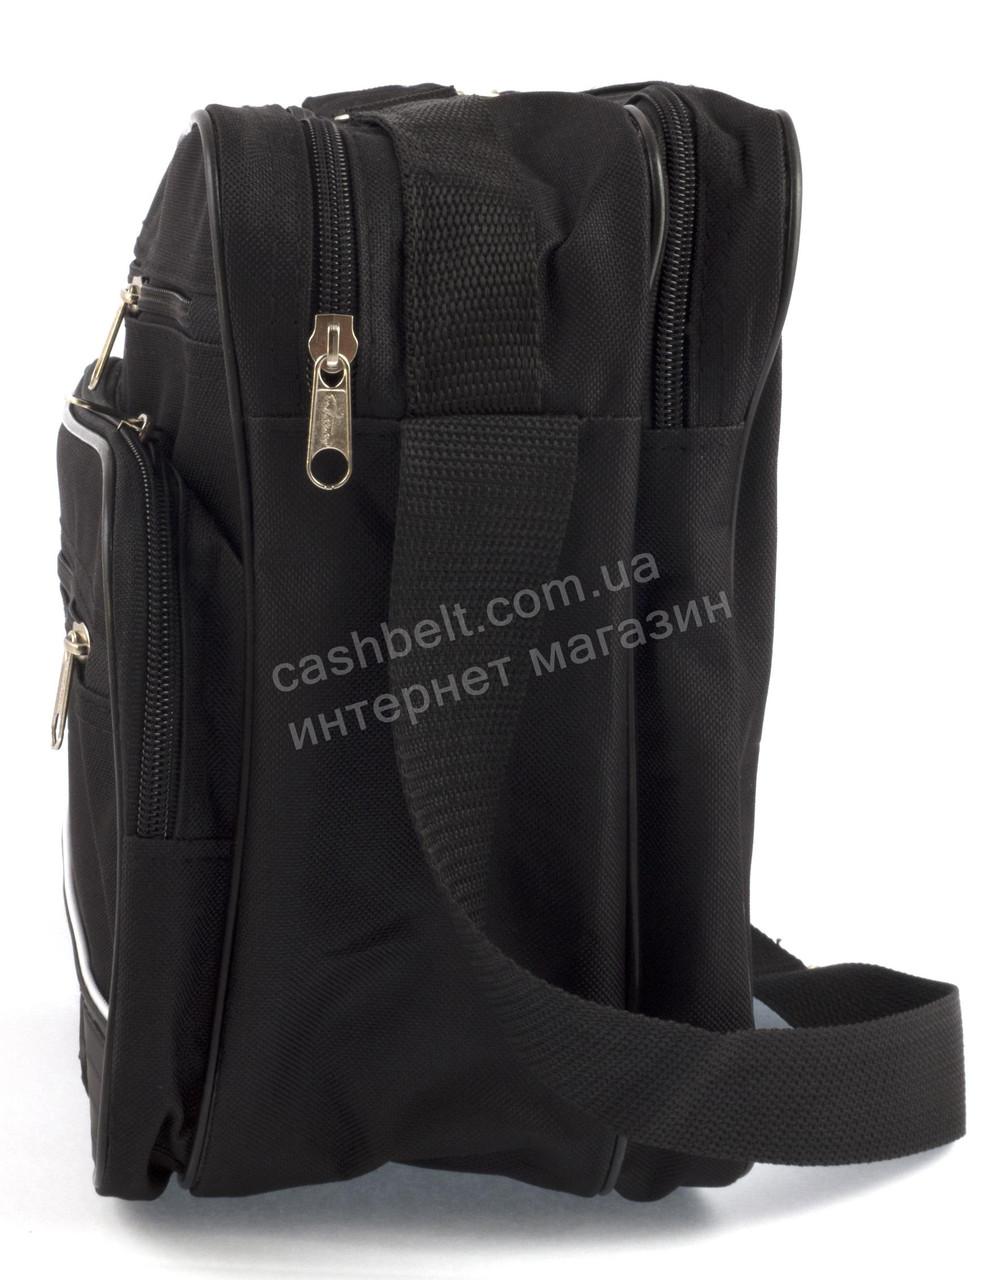 6c5090cee89a 2650 Украина, фото 4 Вместительная мужская текстильная сумка черного цвета  WALLABY art.